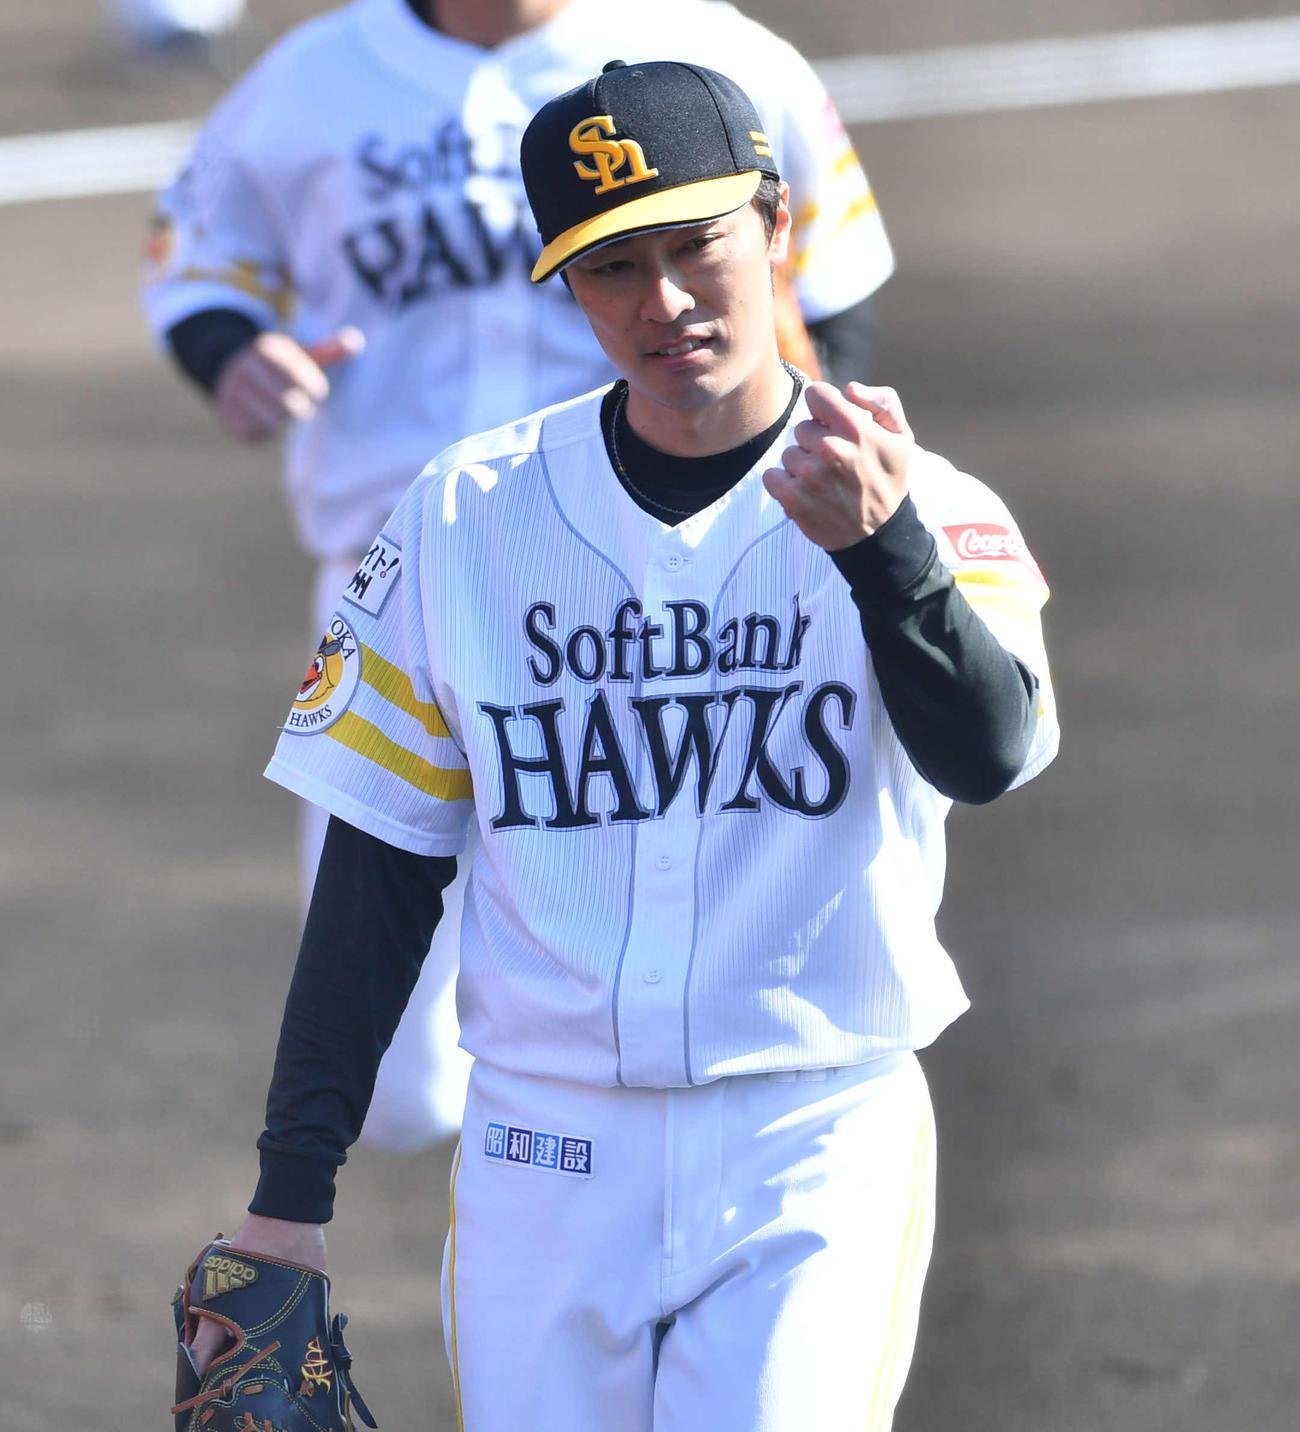 紅白戦 2回表を抑えた和田はボールの握りを気にしながらベンチに引き揚げる(撮影・岩下翔太)